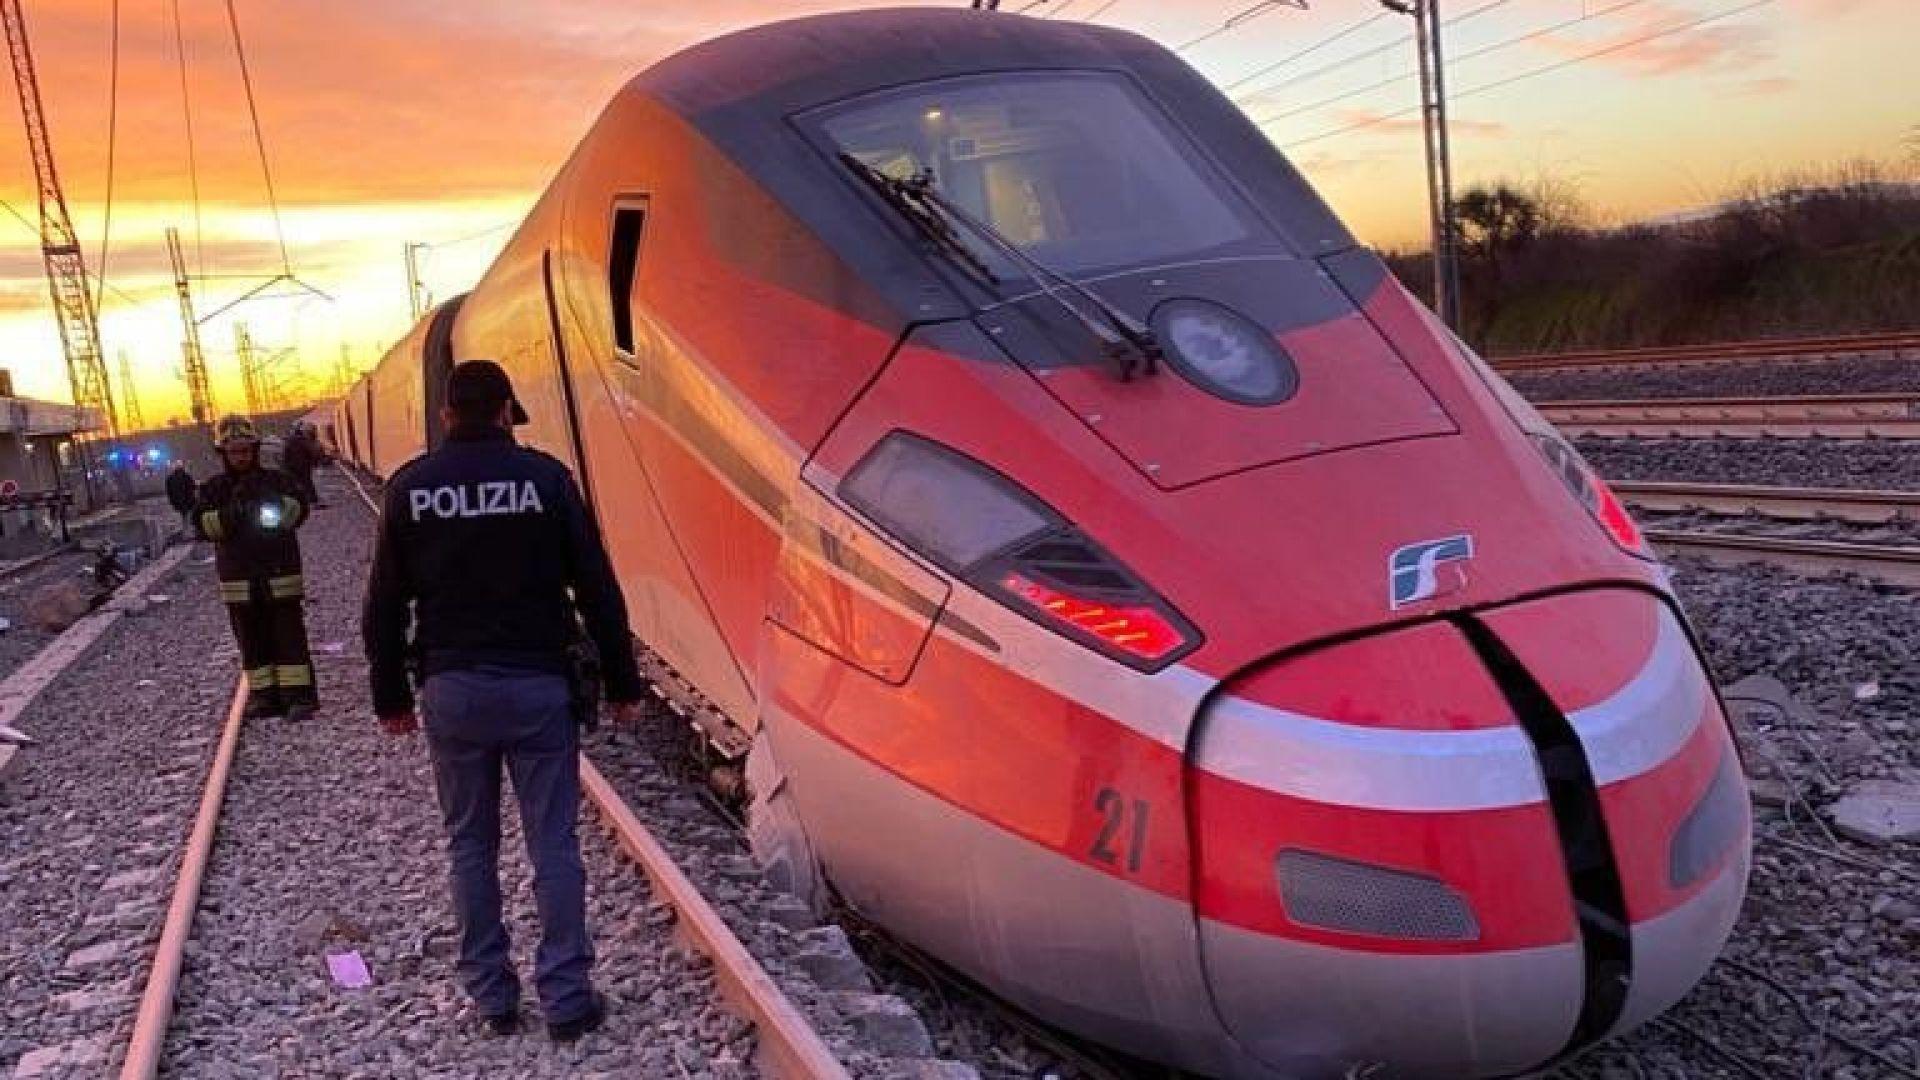 Влак дерайлира край Милано, има жертви и ранени (СНИМКИ)